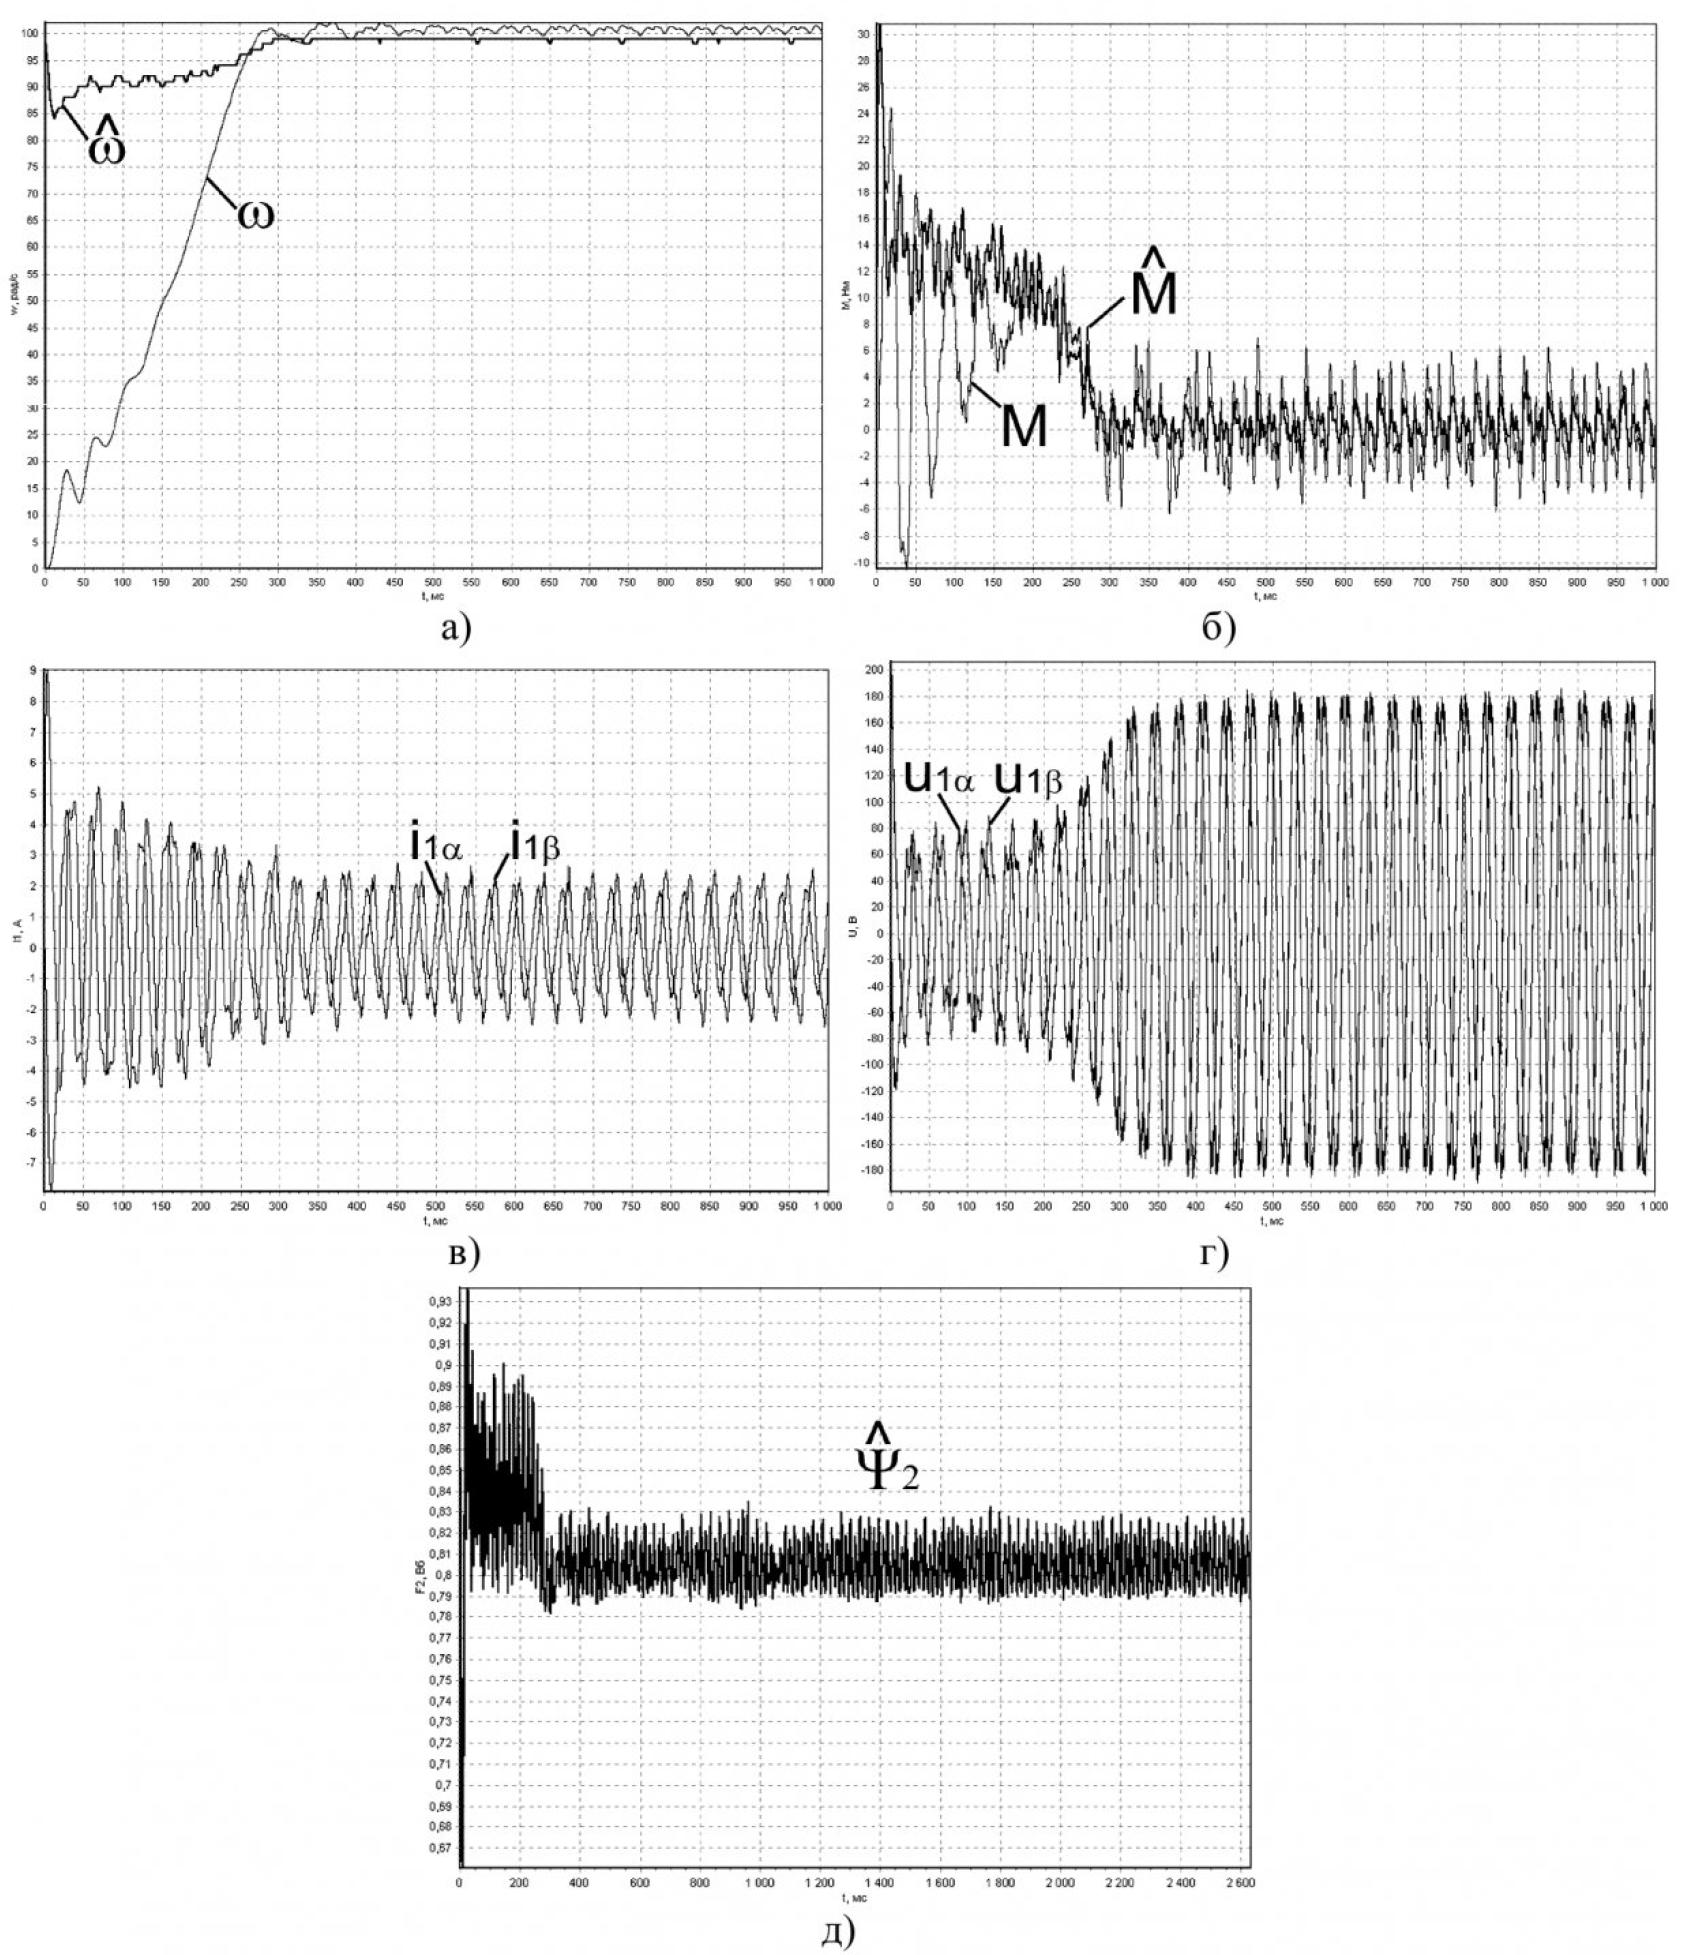 Реализация системы регулирования угловой скорости асинхронного электродвигателя на основе метода скоростного градиента 3